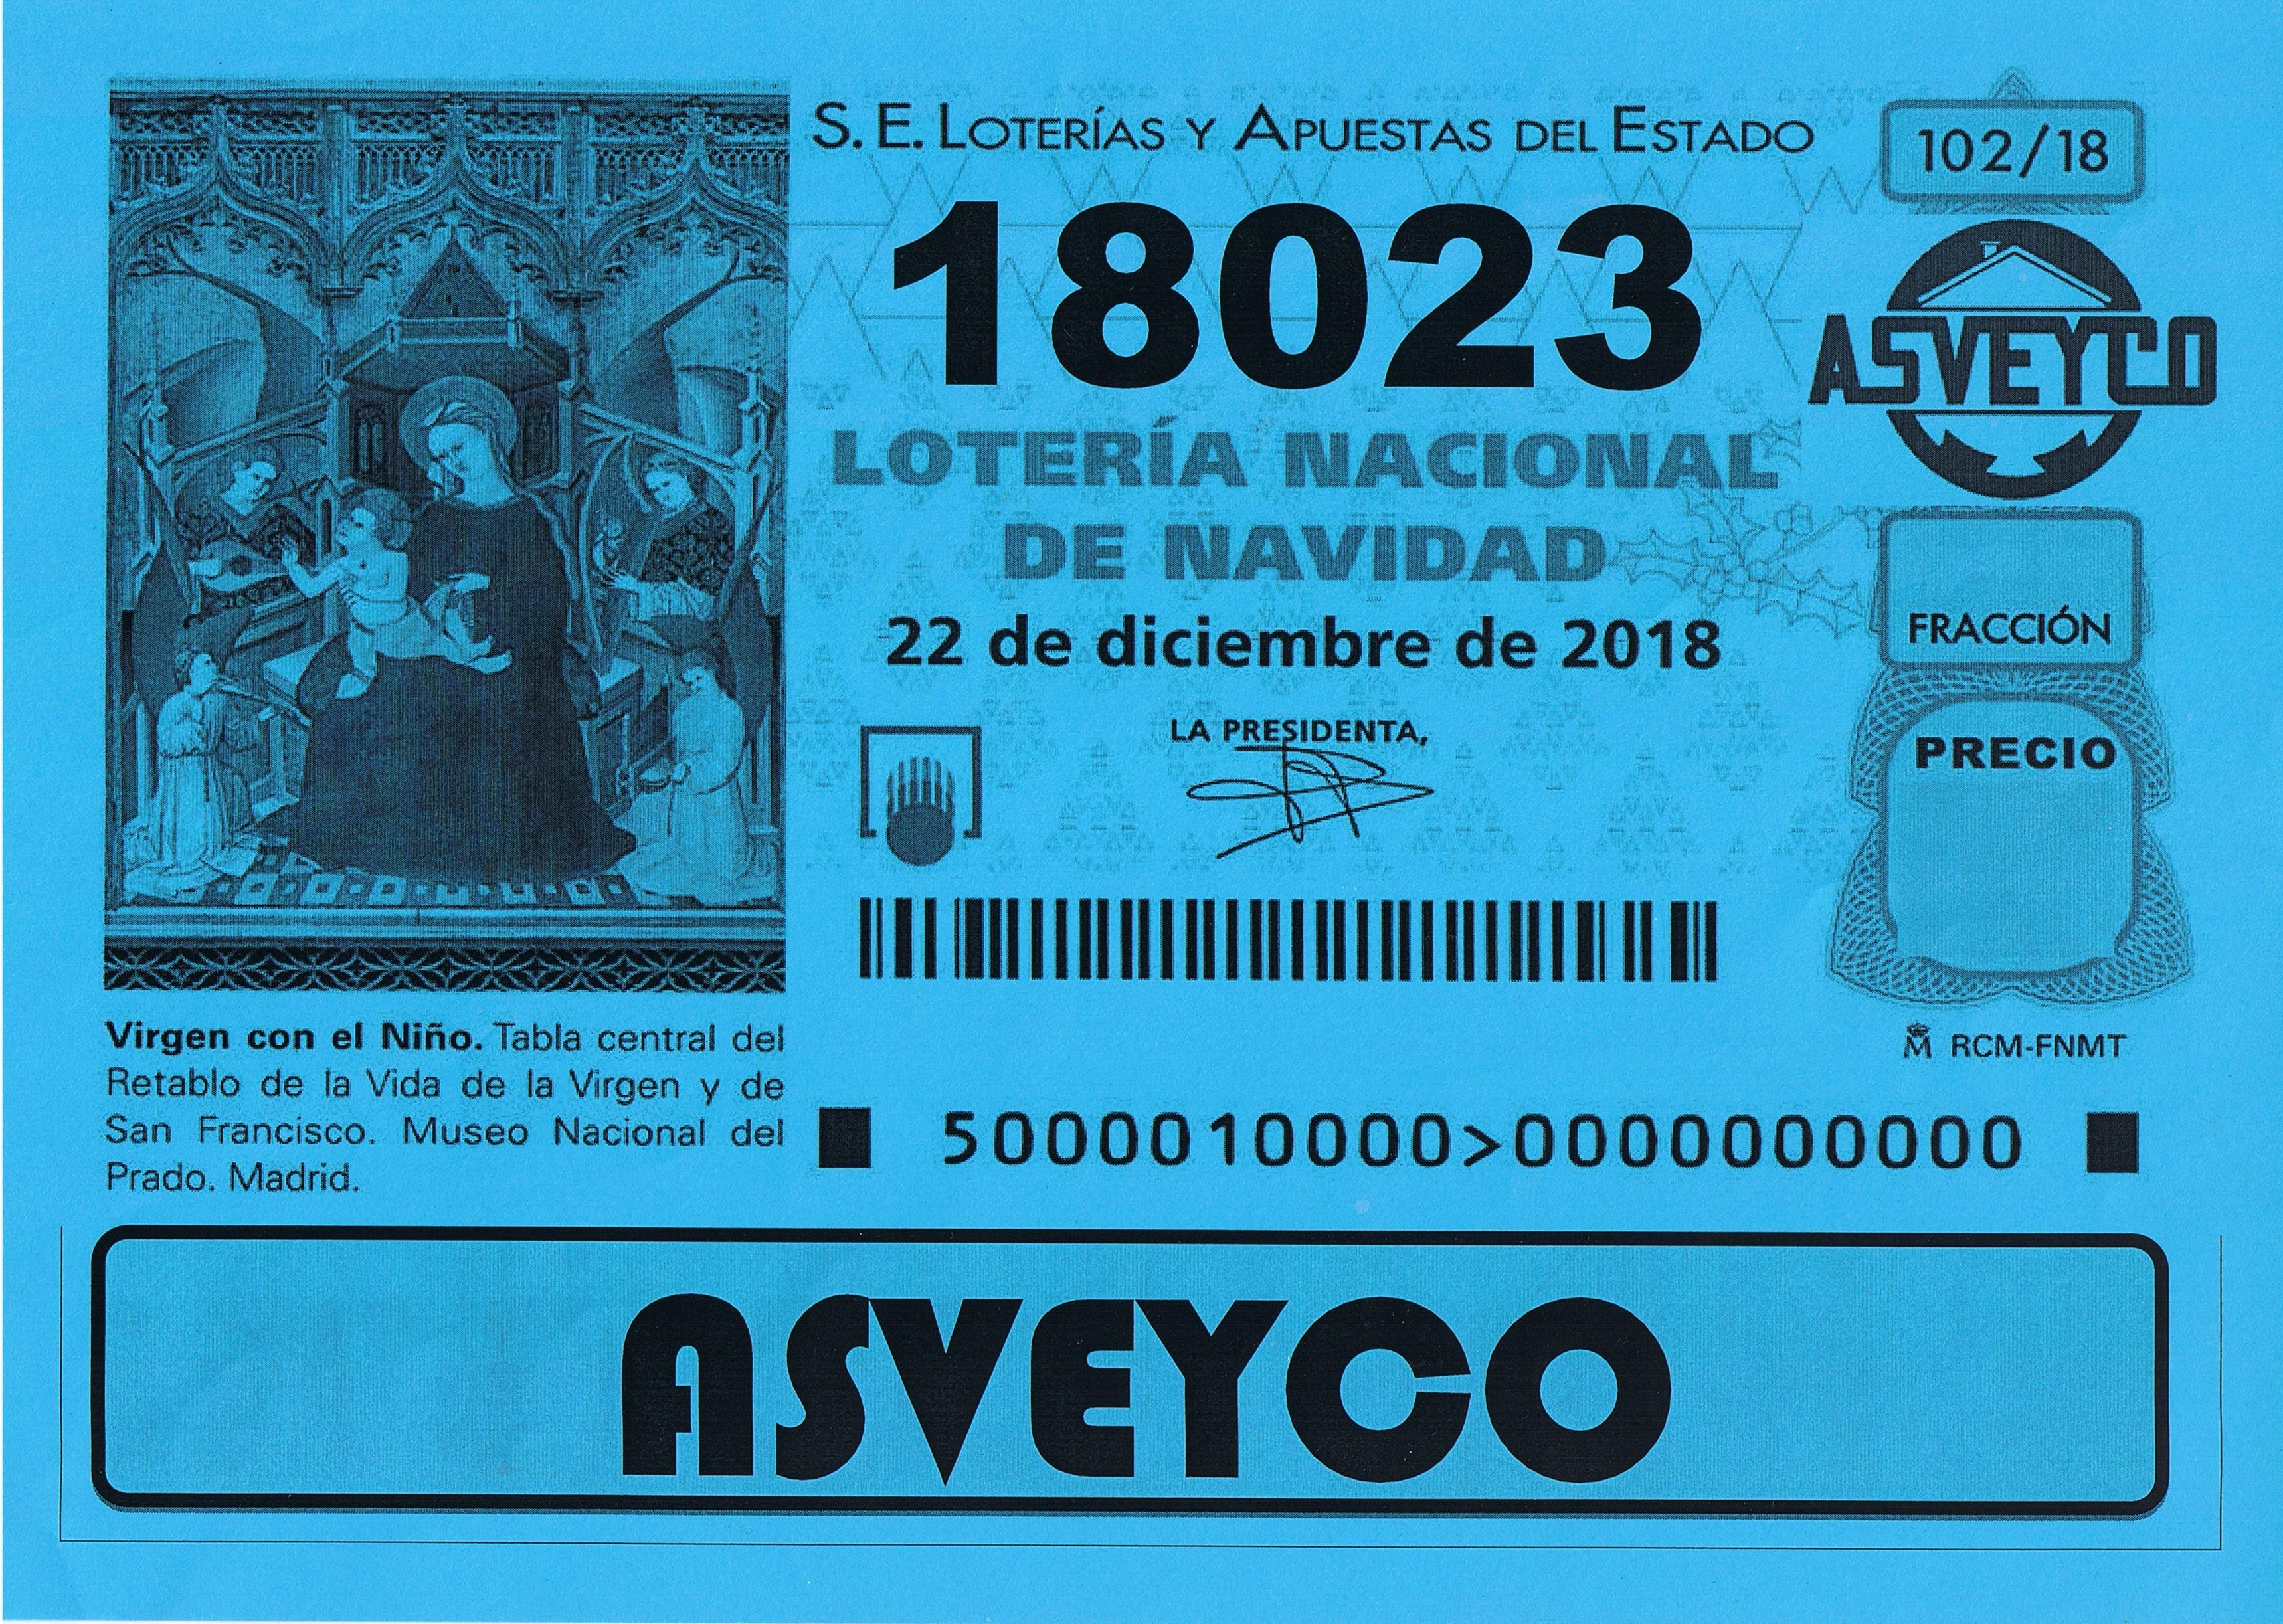 Lotería de Navidad de ASVEYCO